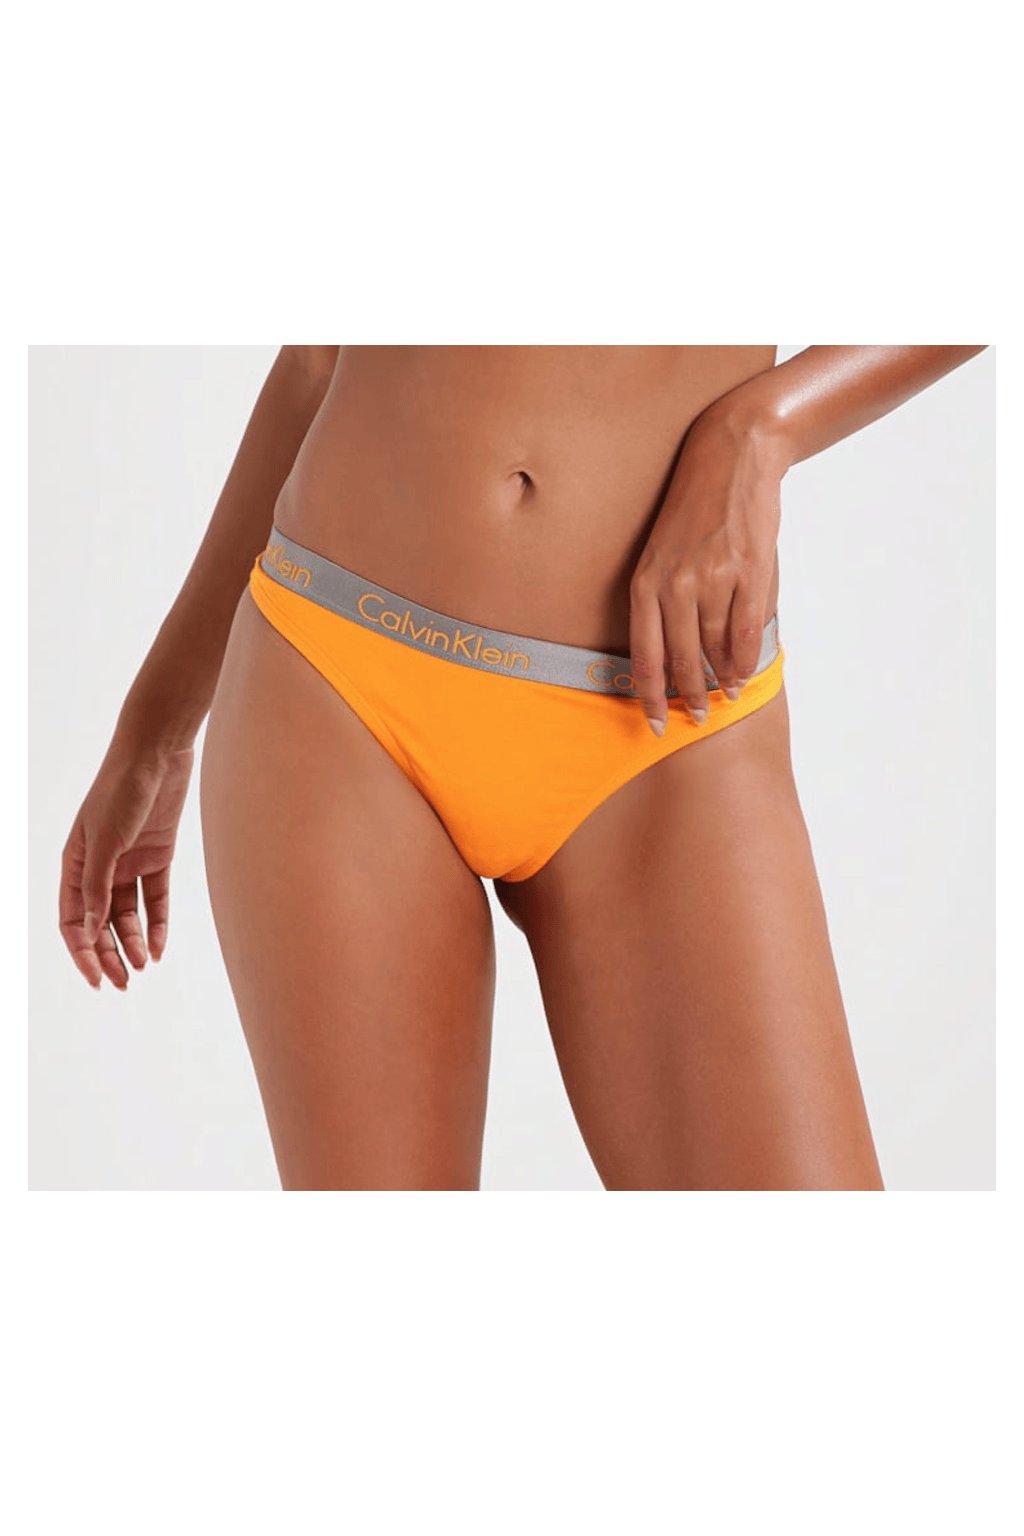 Calvin Klein Kalhotky Radiant Oranžové